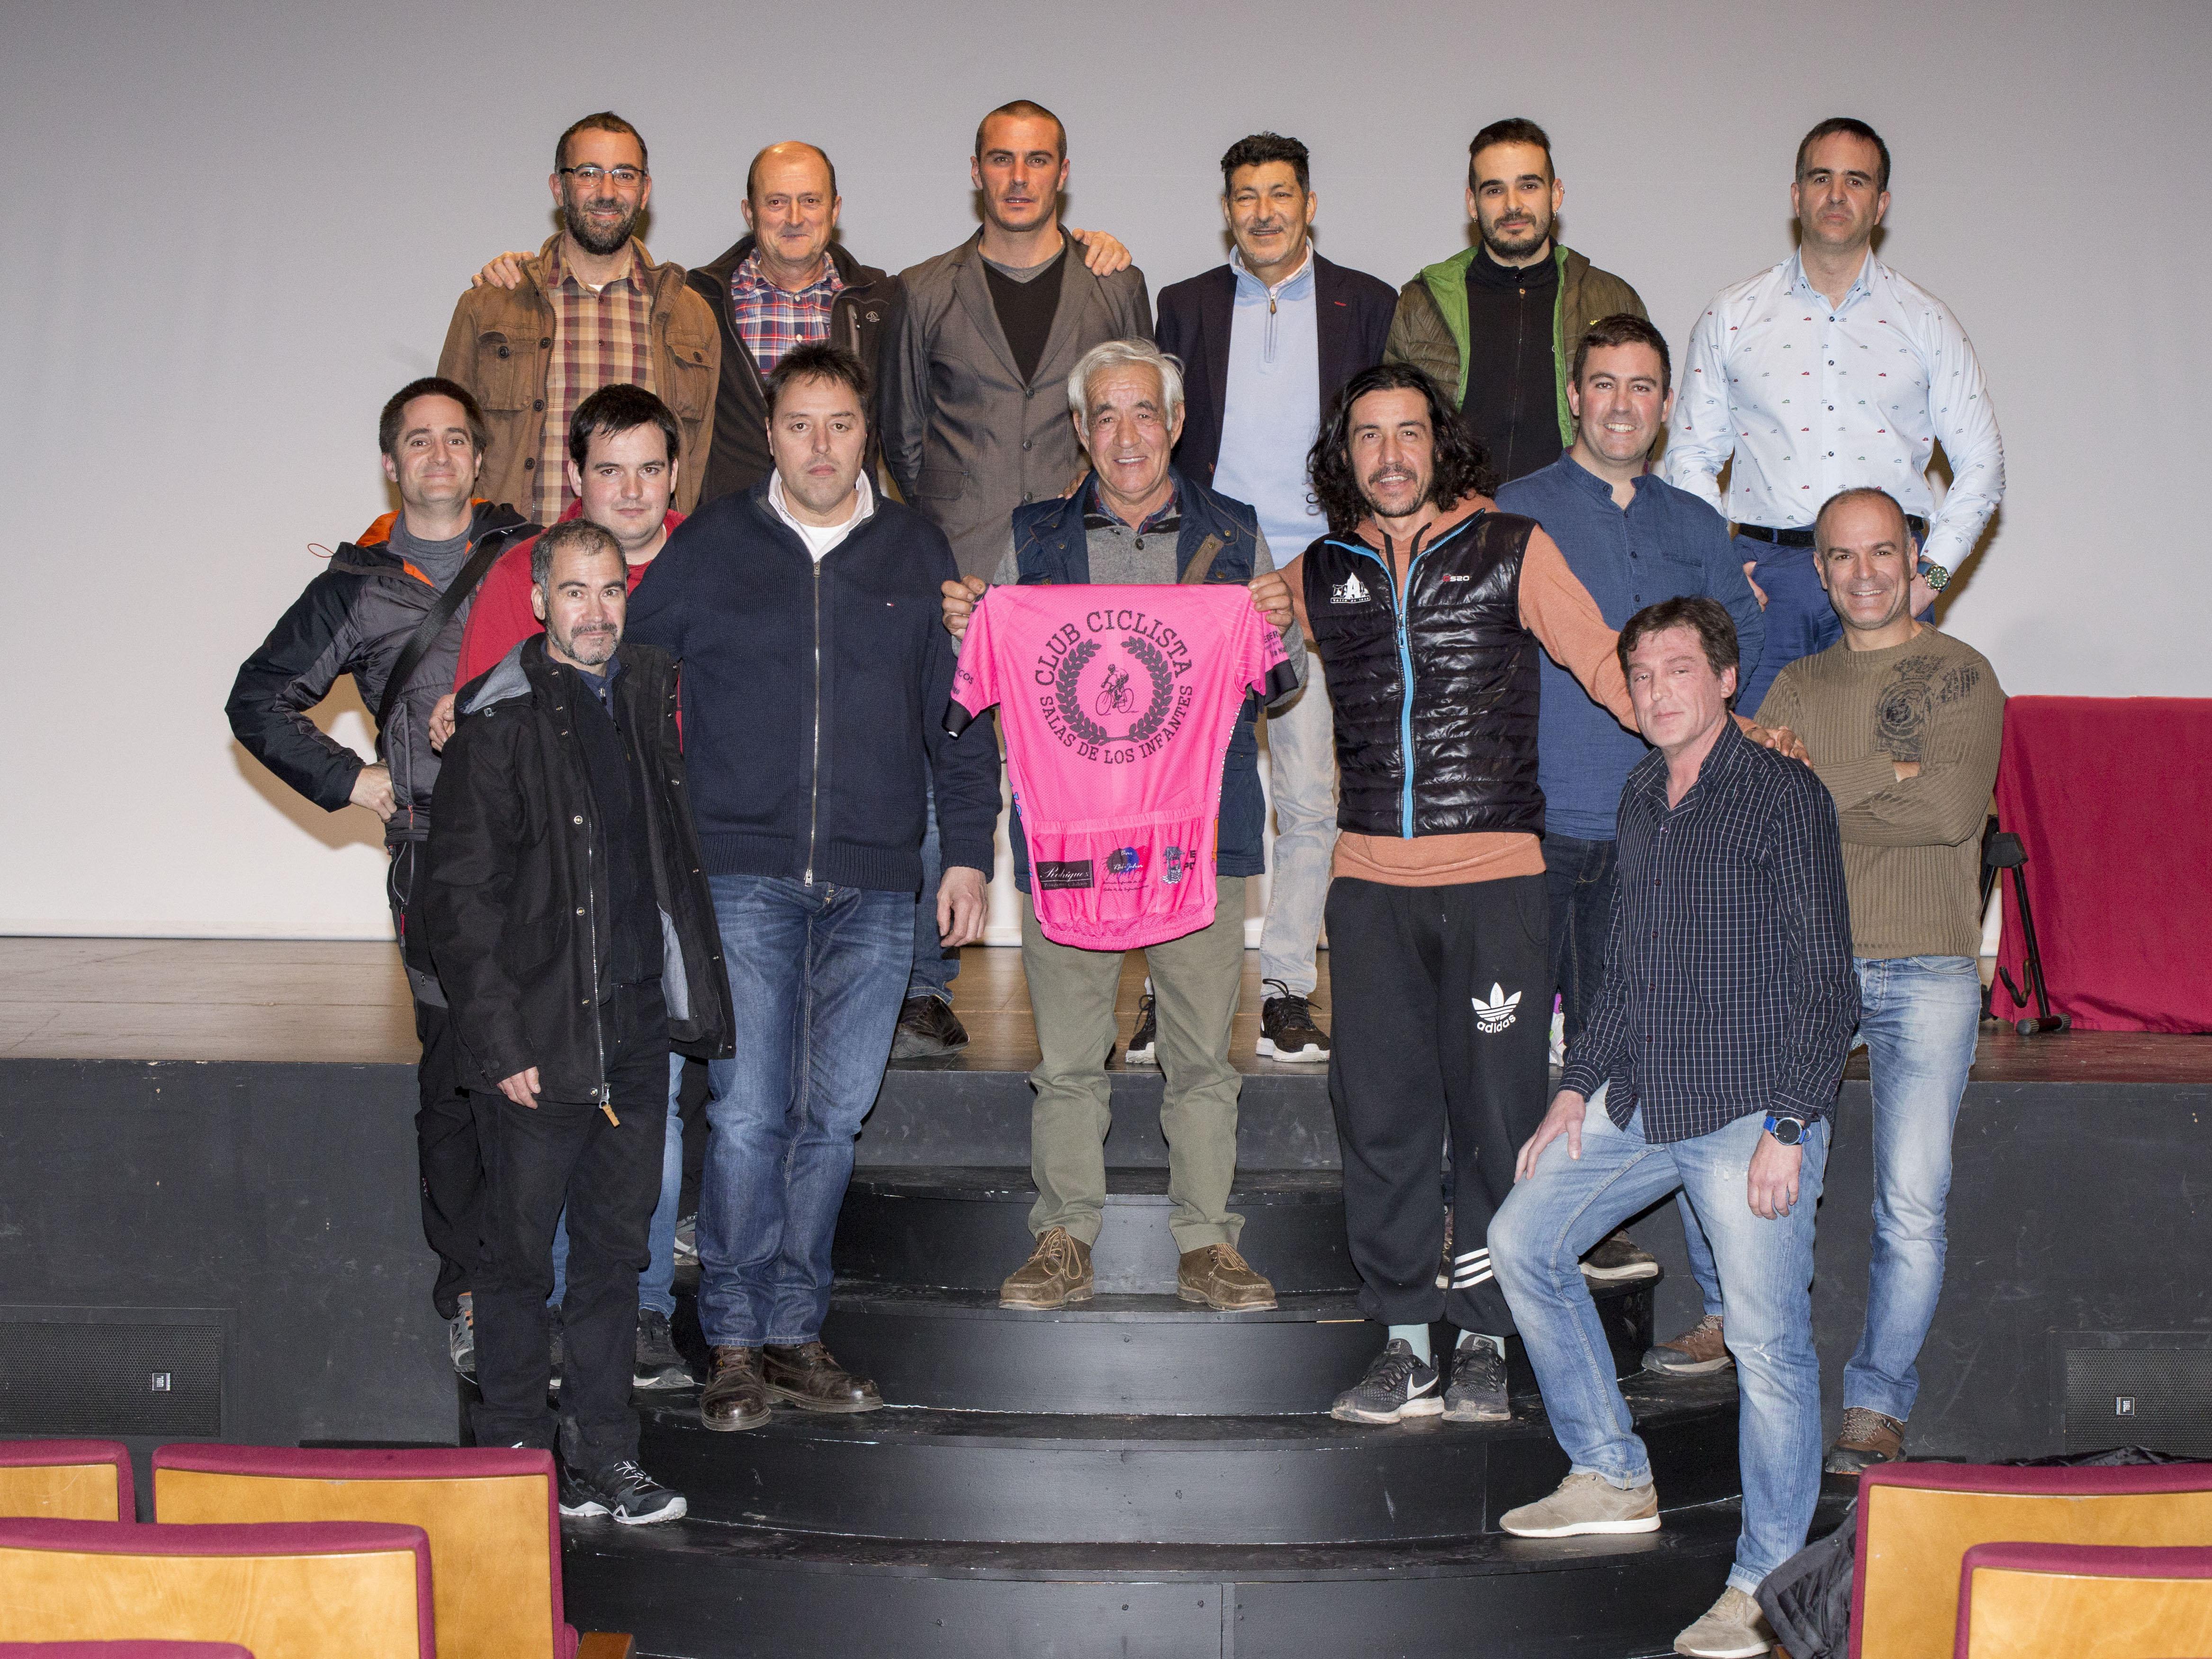 Foto tomada al final de la conferencia con miembros del club ciclista y grandes aficionados a la bici acompañando al gran corredor Eduardo Chozas. Fotos: Rebeca Barbero f2 Estudio.